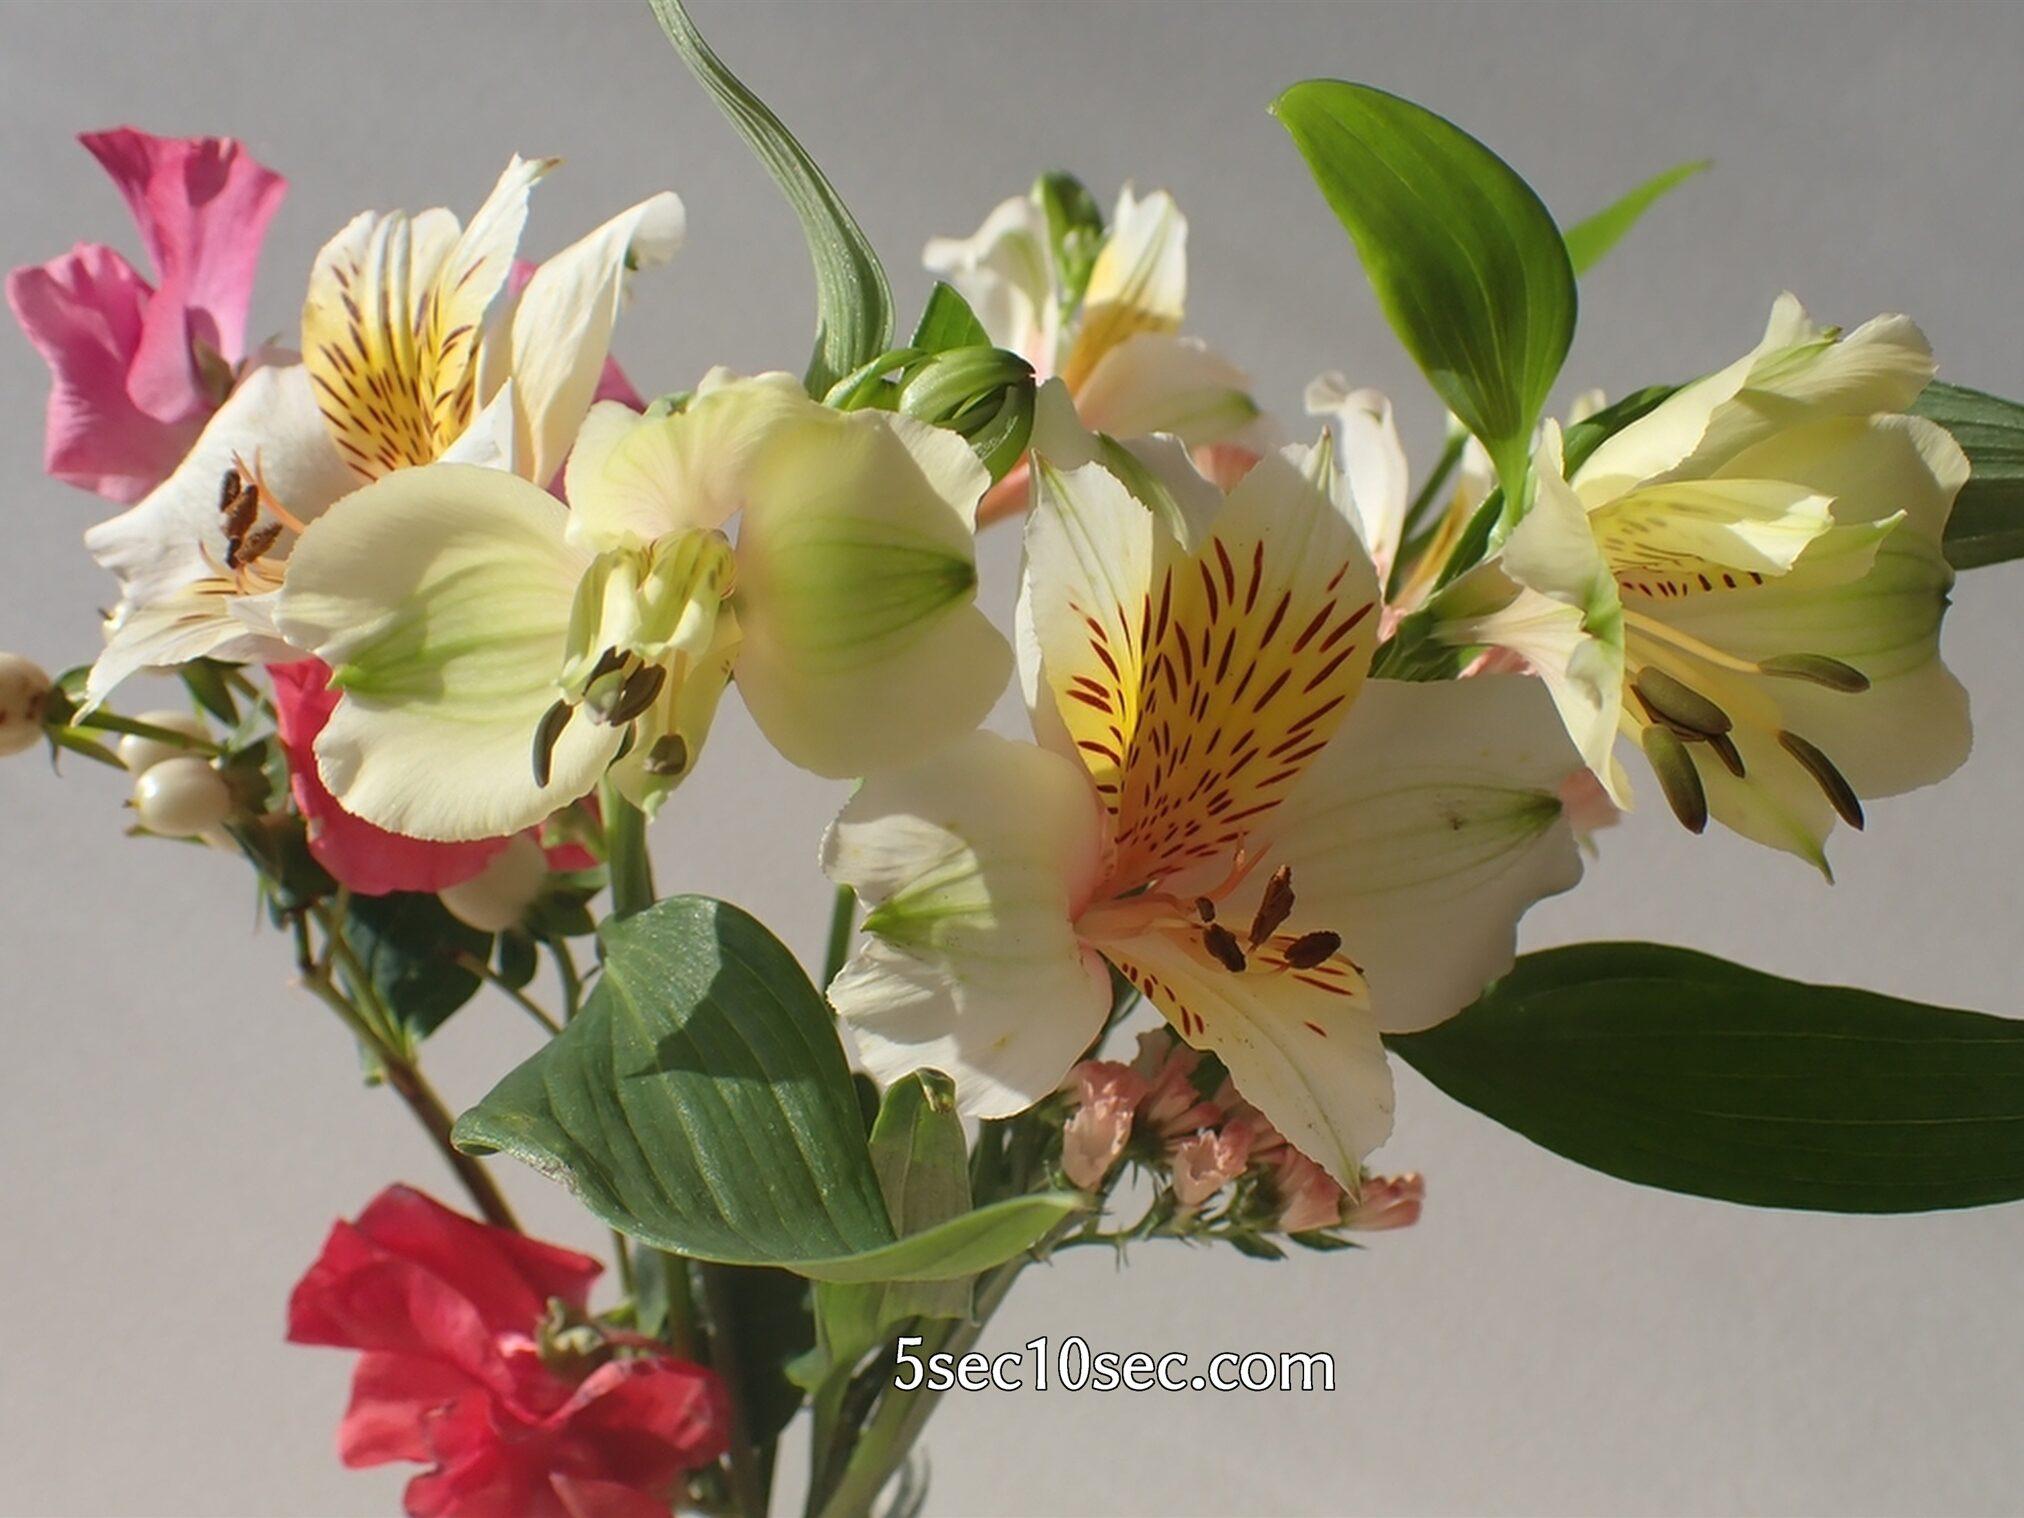 Bloomee LIFE(ブルーミーライフ)レギュラープラン 前回のお花のつぼみが開き始めた